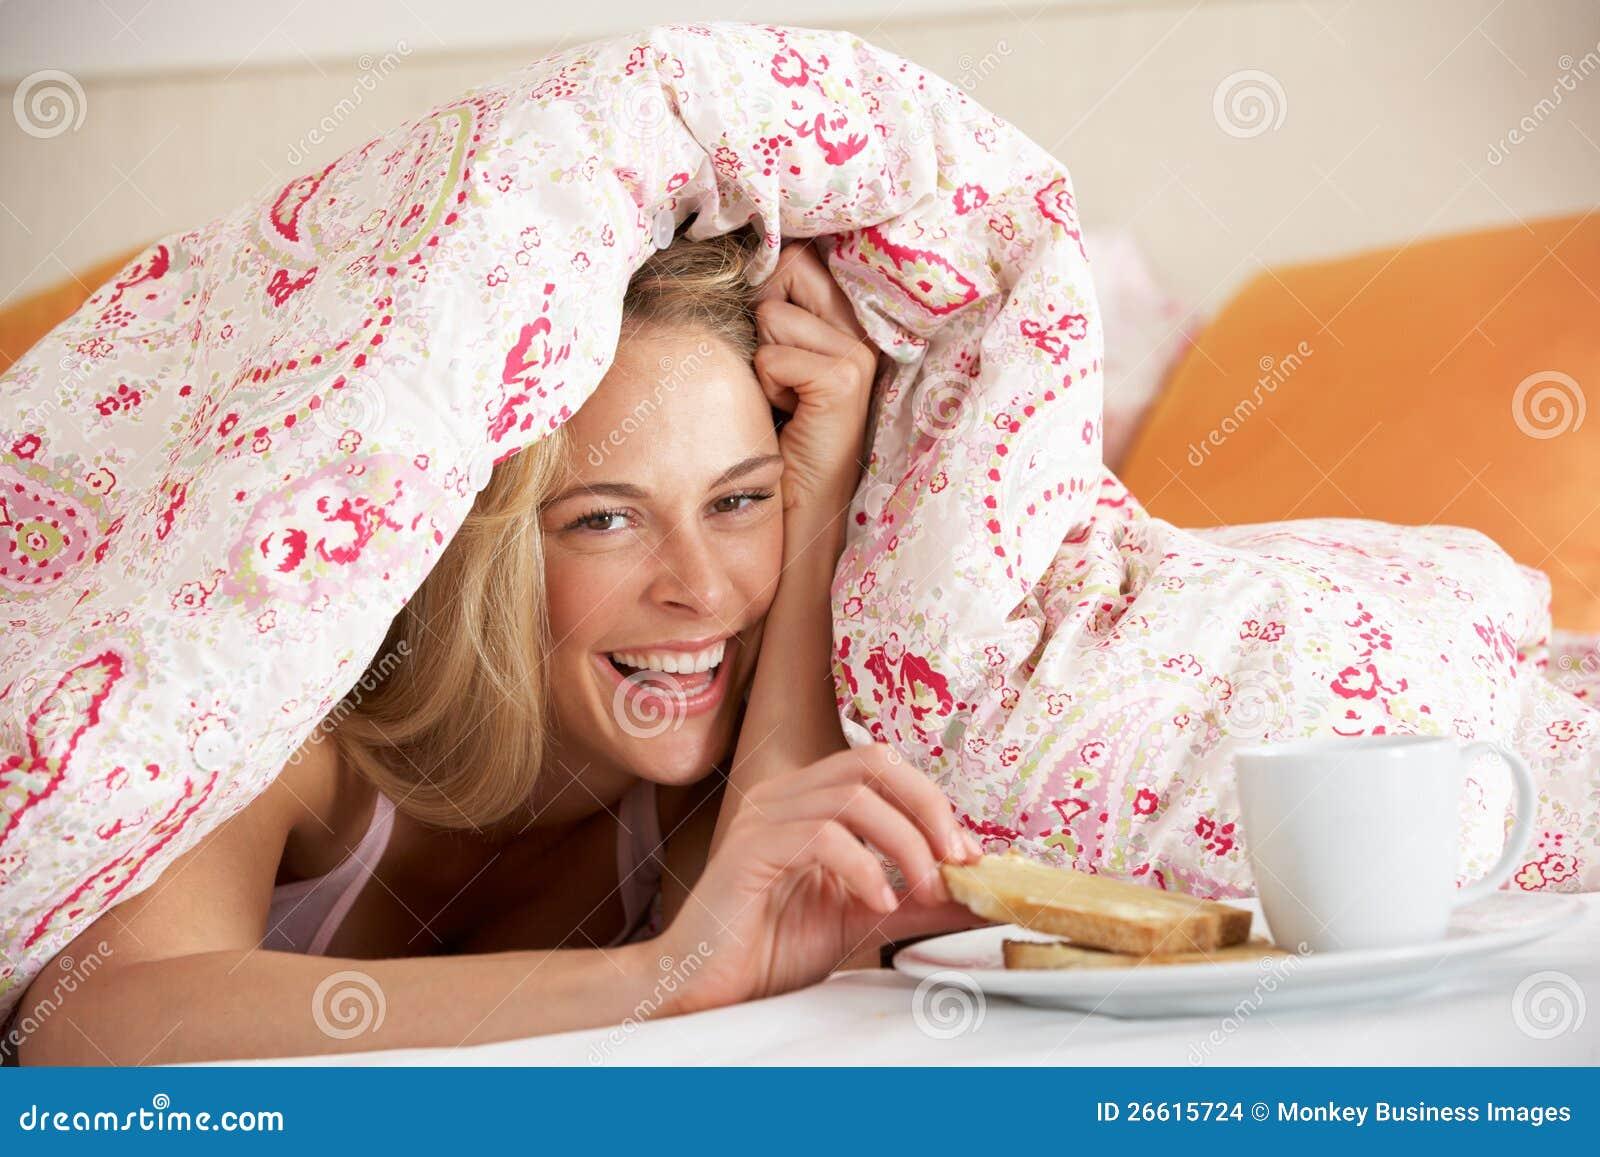 Man Snuggled Under Duvet Eating Breakfast Stock Photo